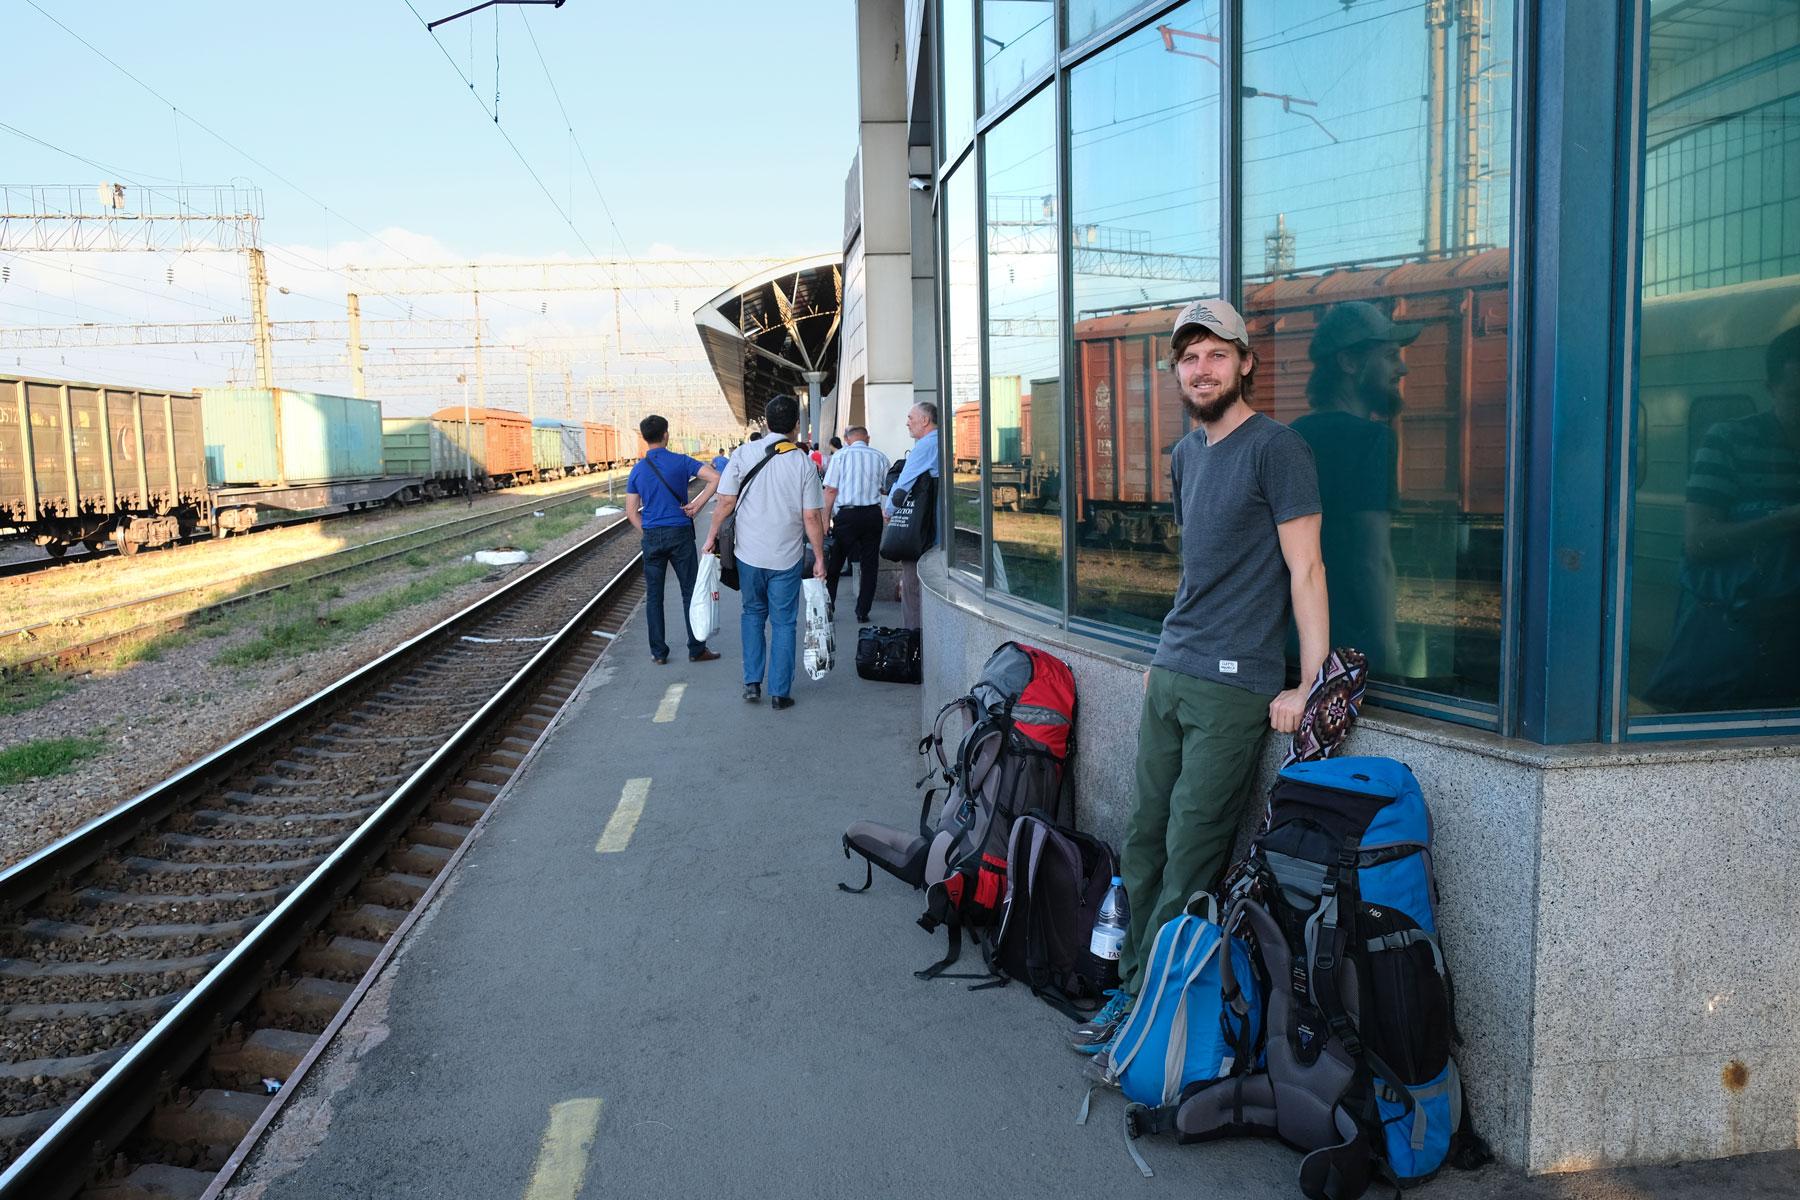 Sebastian steht neben Rucksäcken an einem Bahnsteig des Hauptbahnhofs von Almaty.